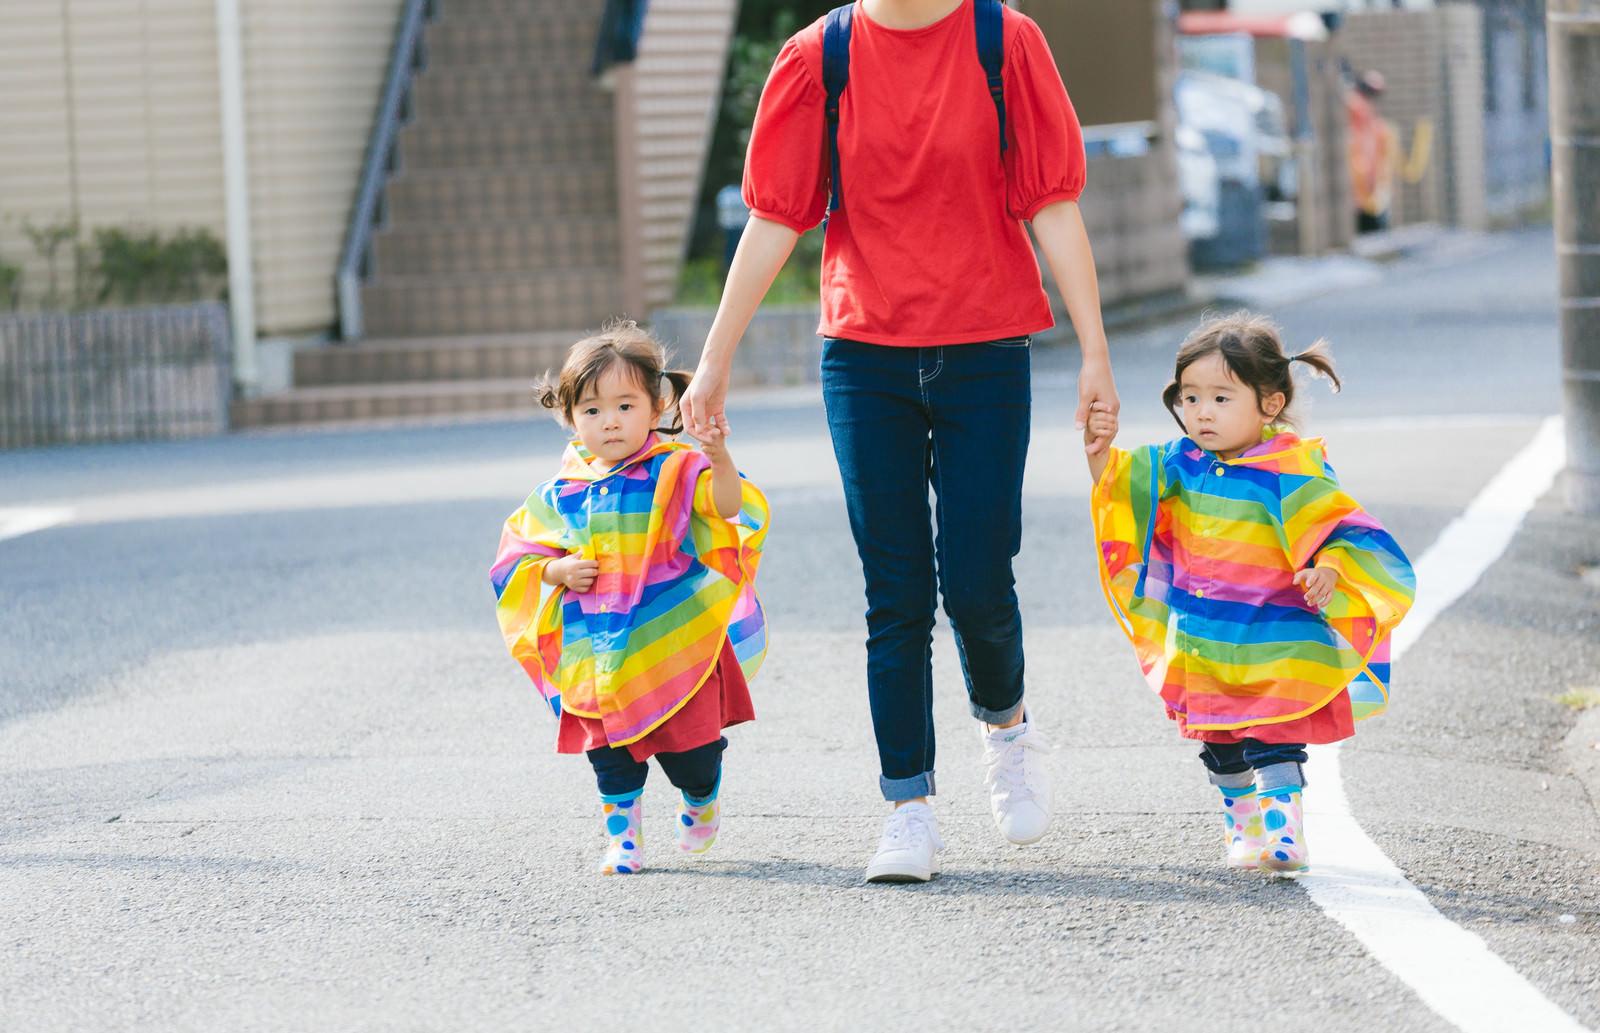 「ママと手をつなぐ双子の女児ママと手をつなぐ双子の女児」[モデル:あおみどり]のフリー写真素材を拡大